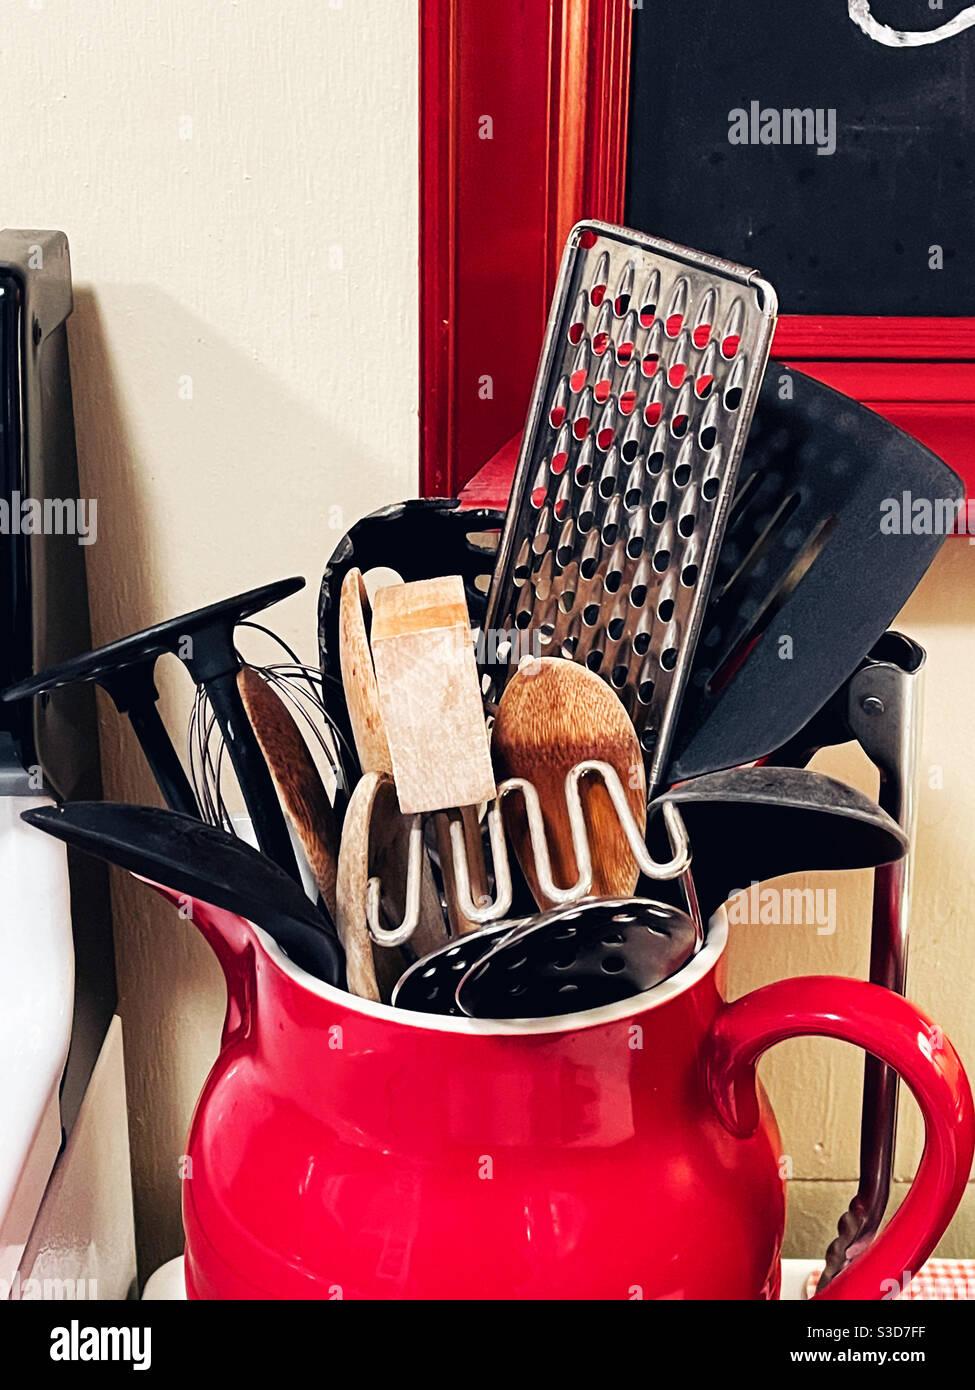 Utensili da cucina in caraffa rossa Foto Stock